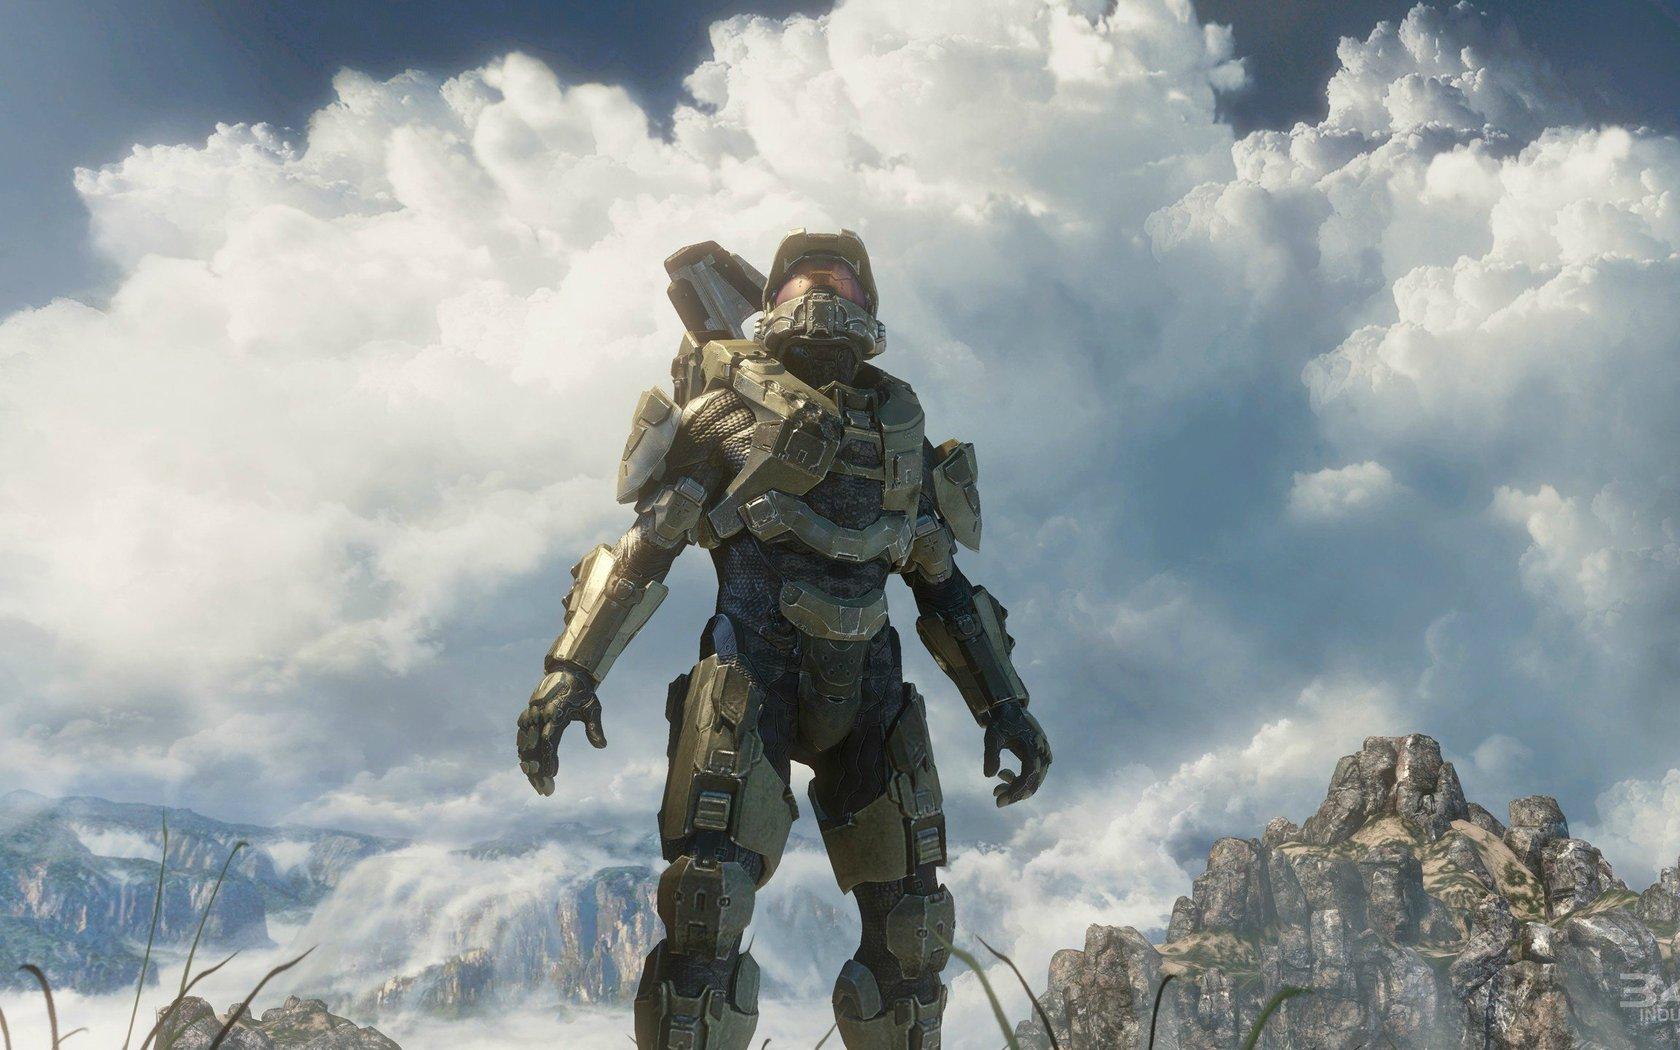 Halo 4 Wallpaper Hd - WallpaperSafari